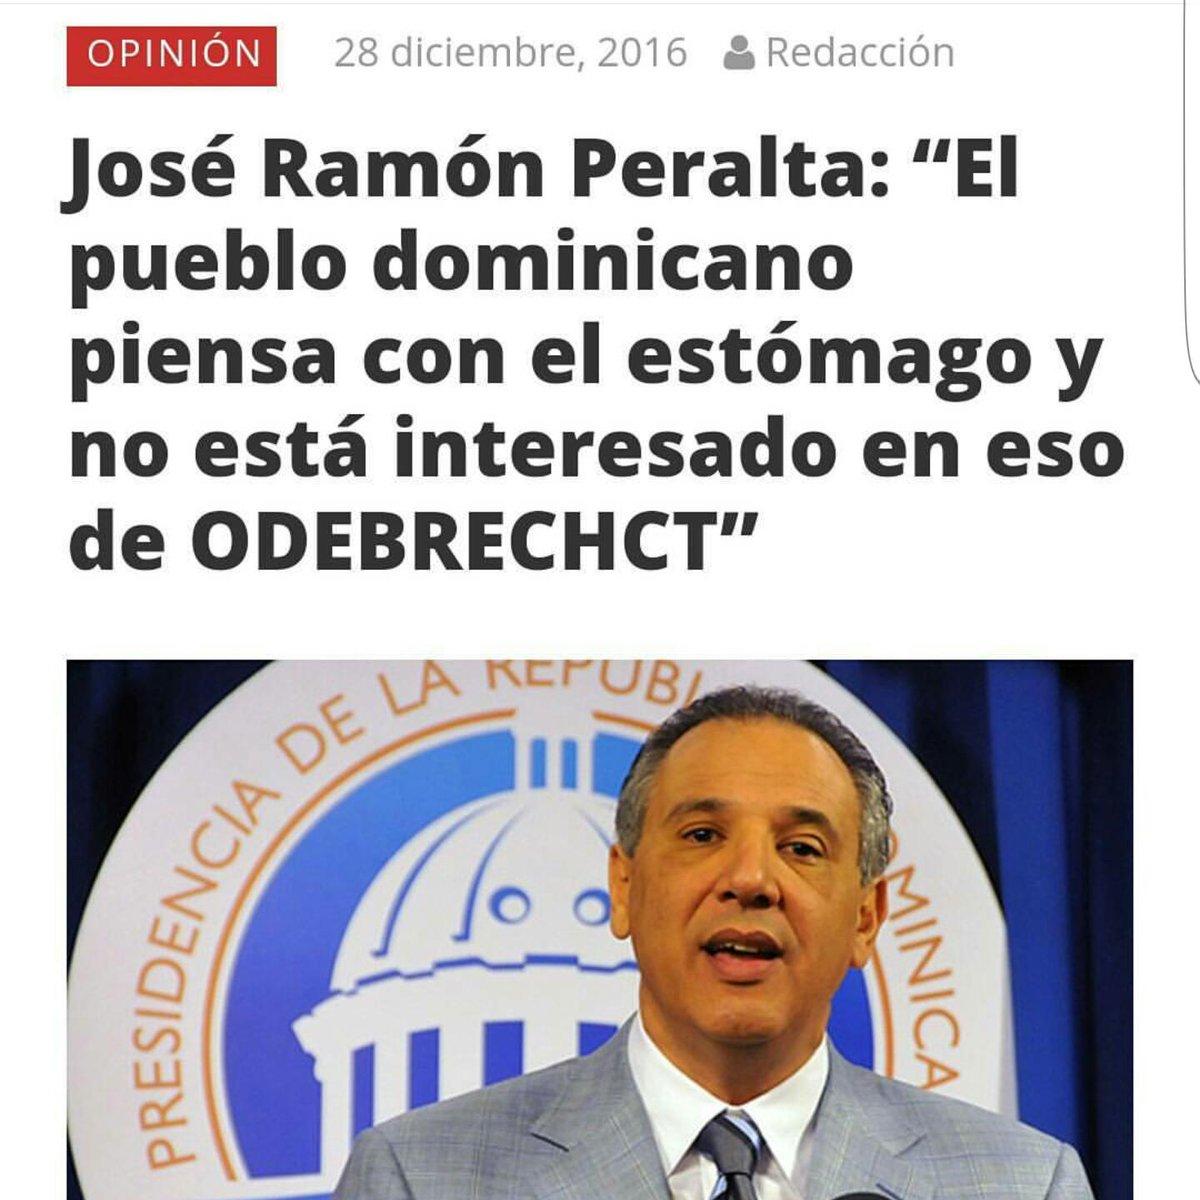 Es una falta de respeto al pueblo dominicano.  https://t.co/a1JD58XxNL